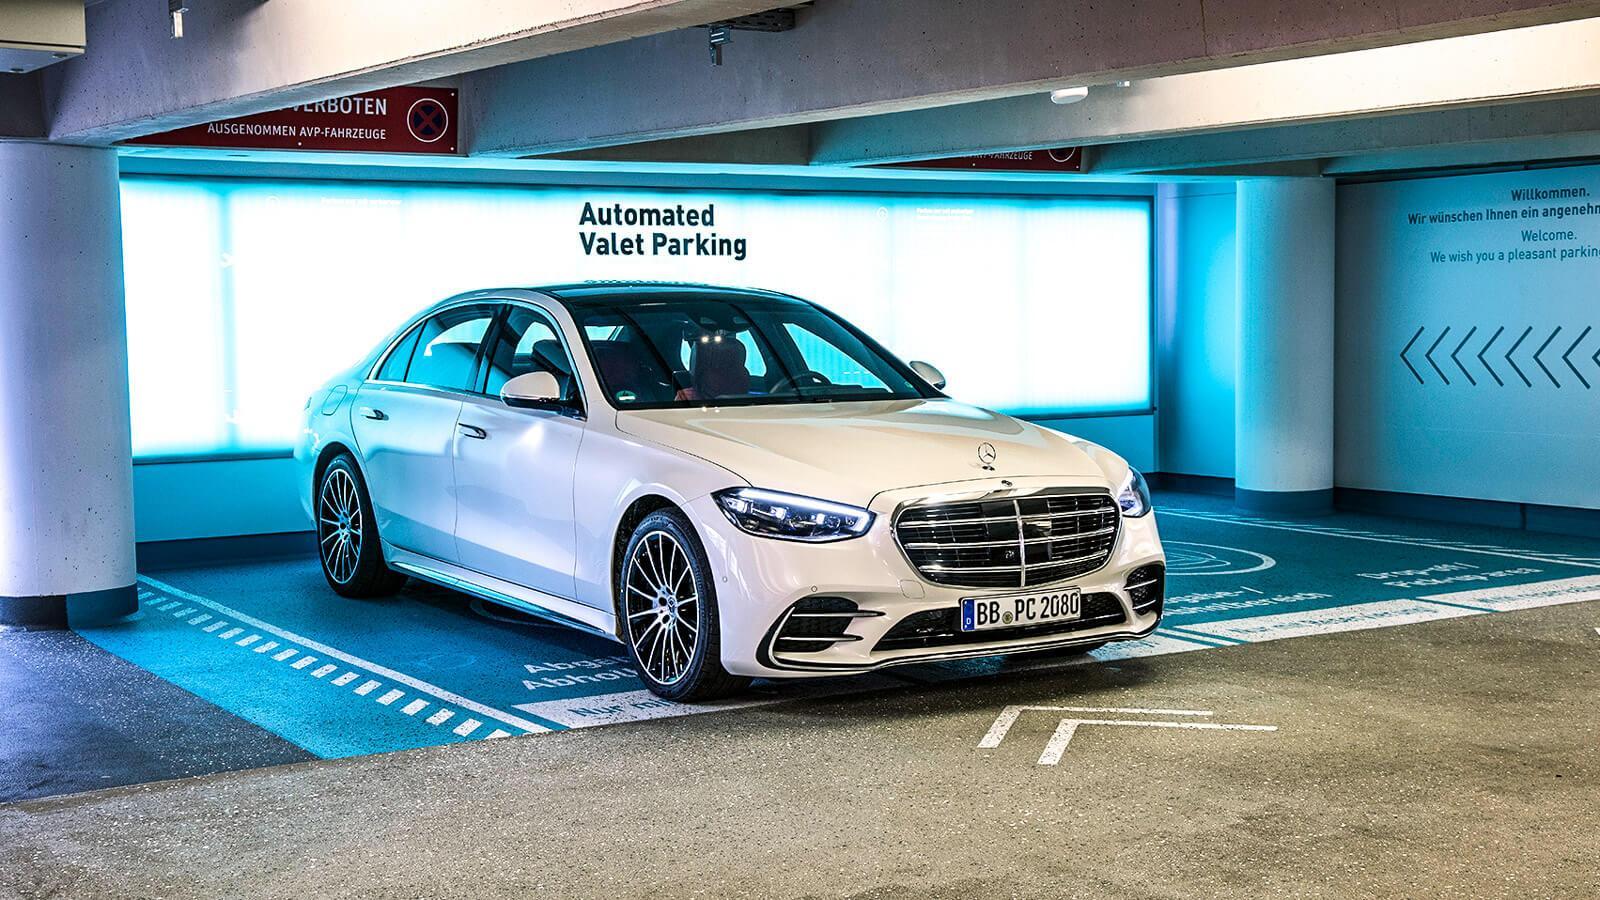 Újabb helyen parkolnak önállóan az autók